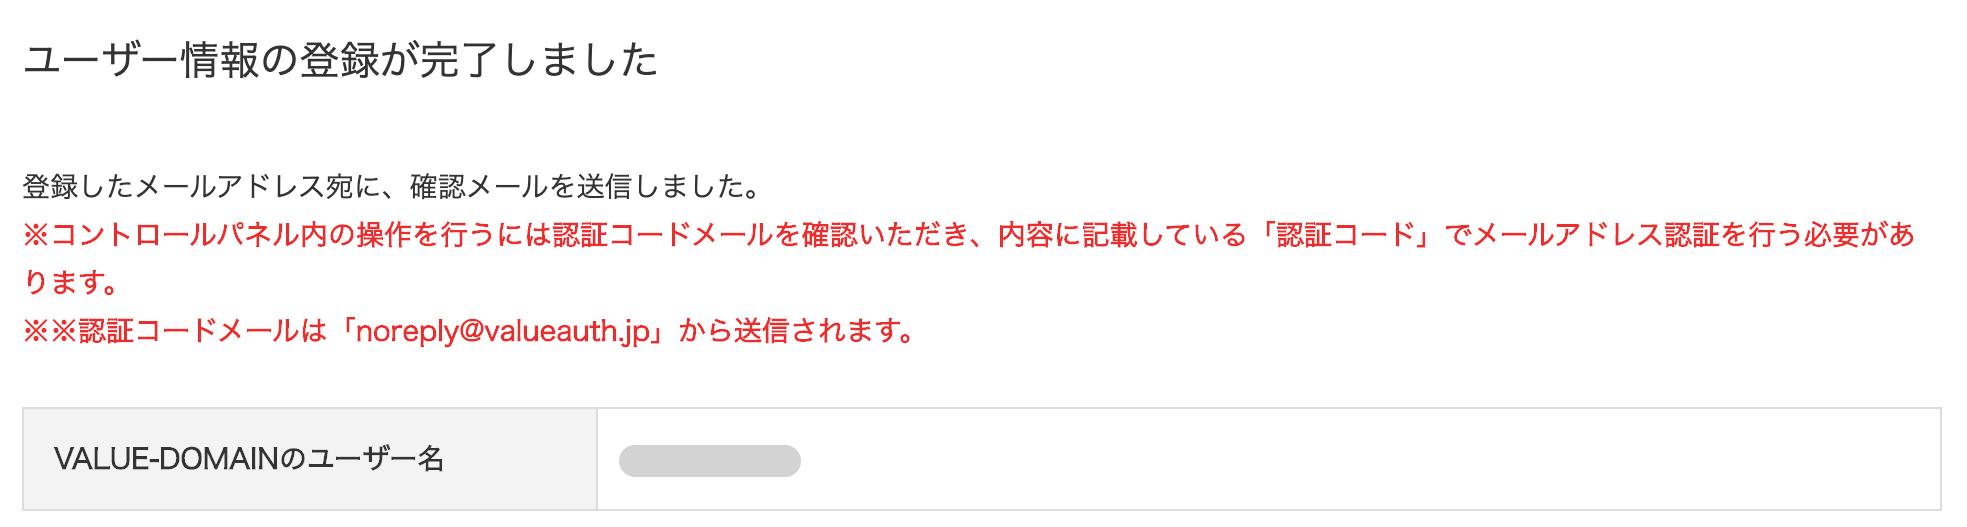 バリュードメインへのユーザー登録完了